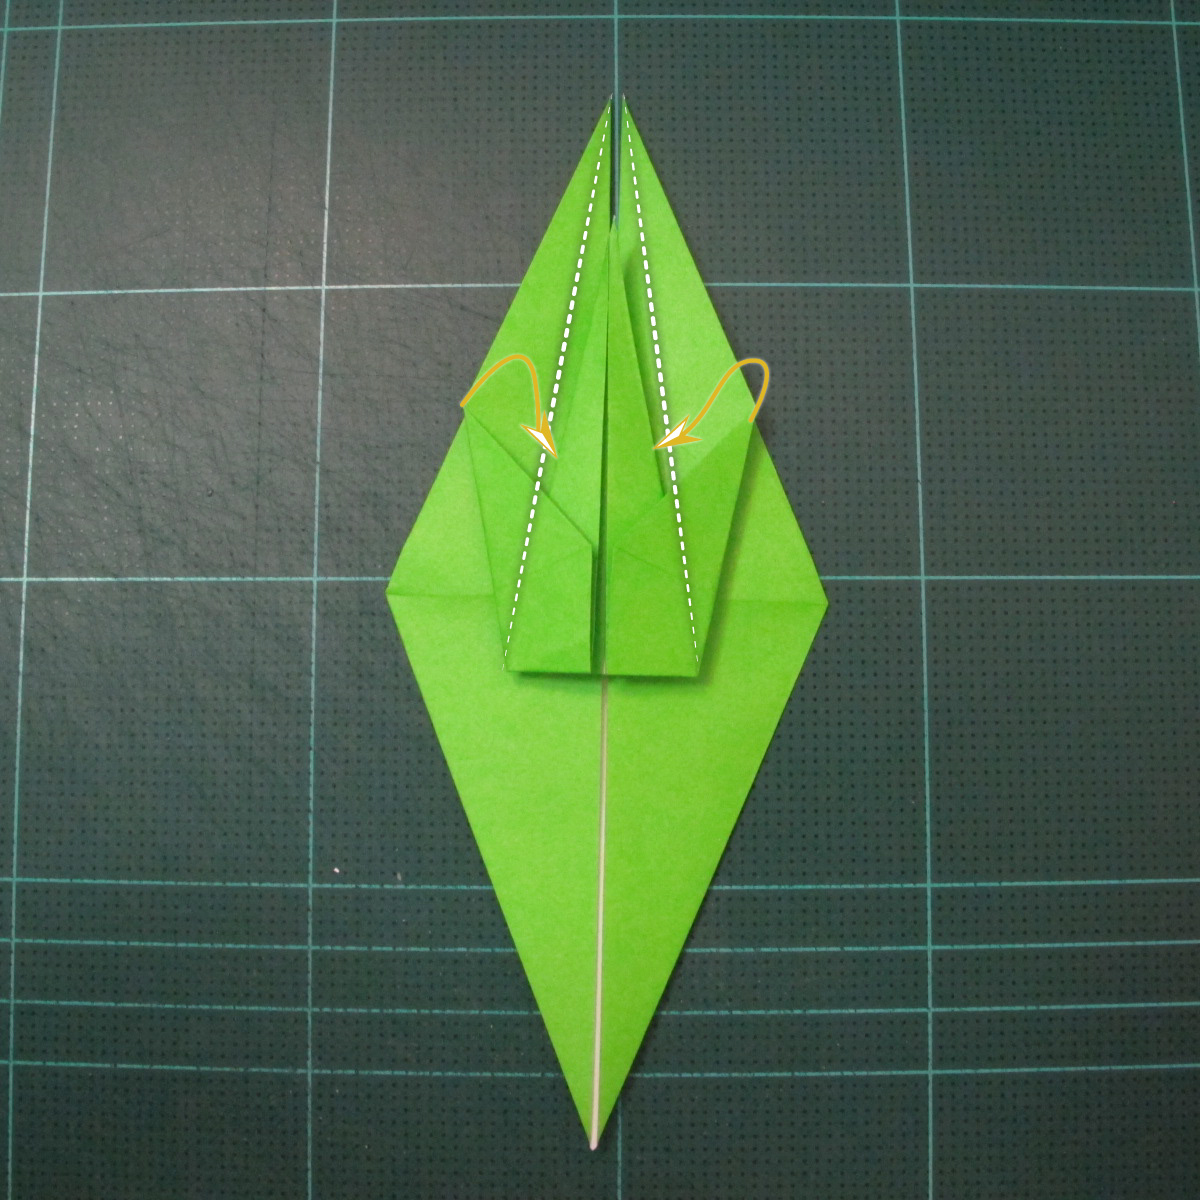 วิธีพับกระดาษเป็นรูปหอยทาก (origami Snail) 010